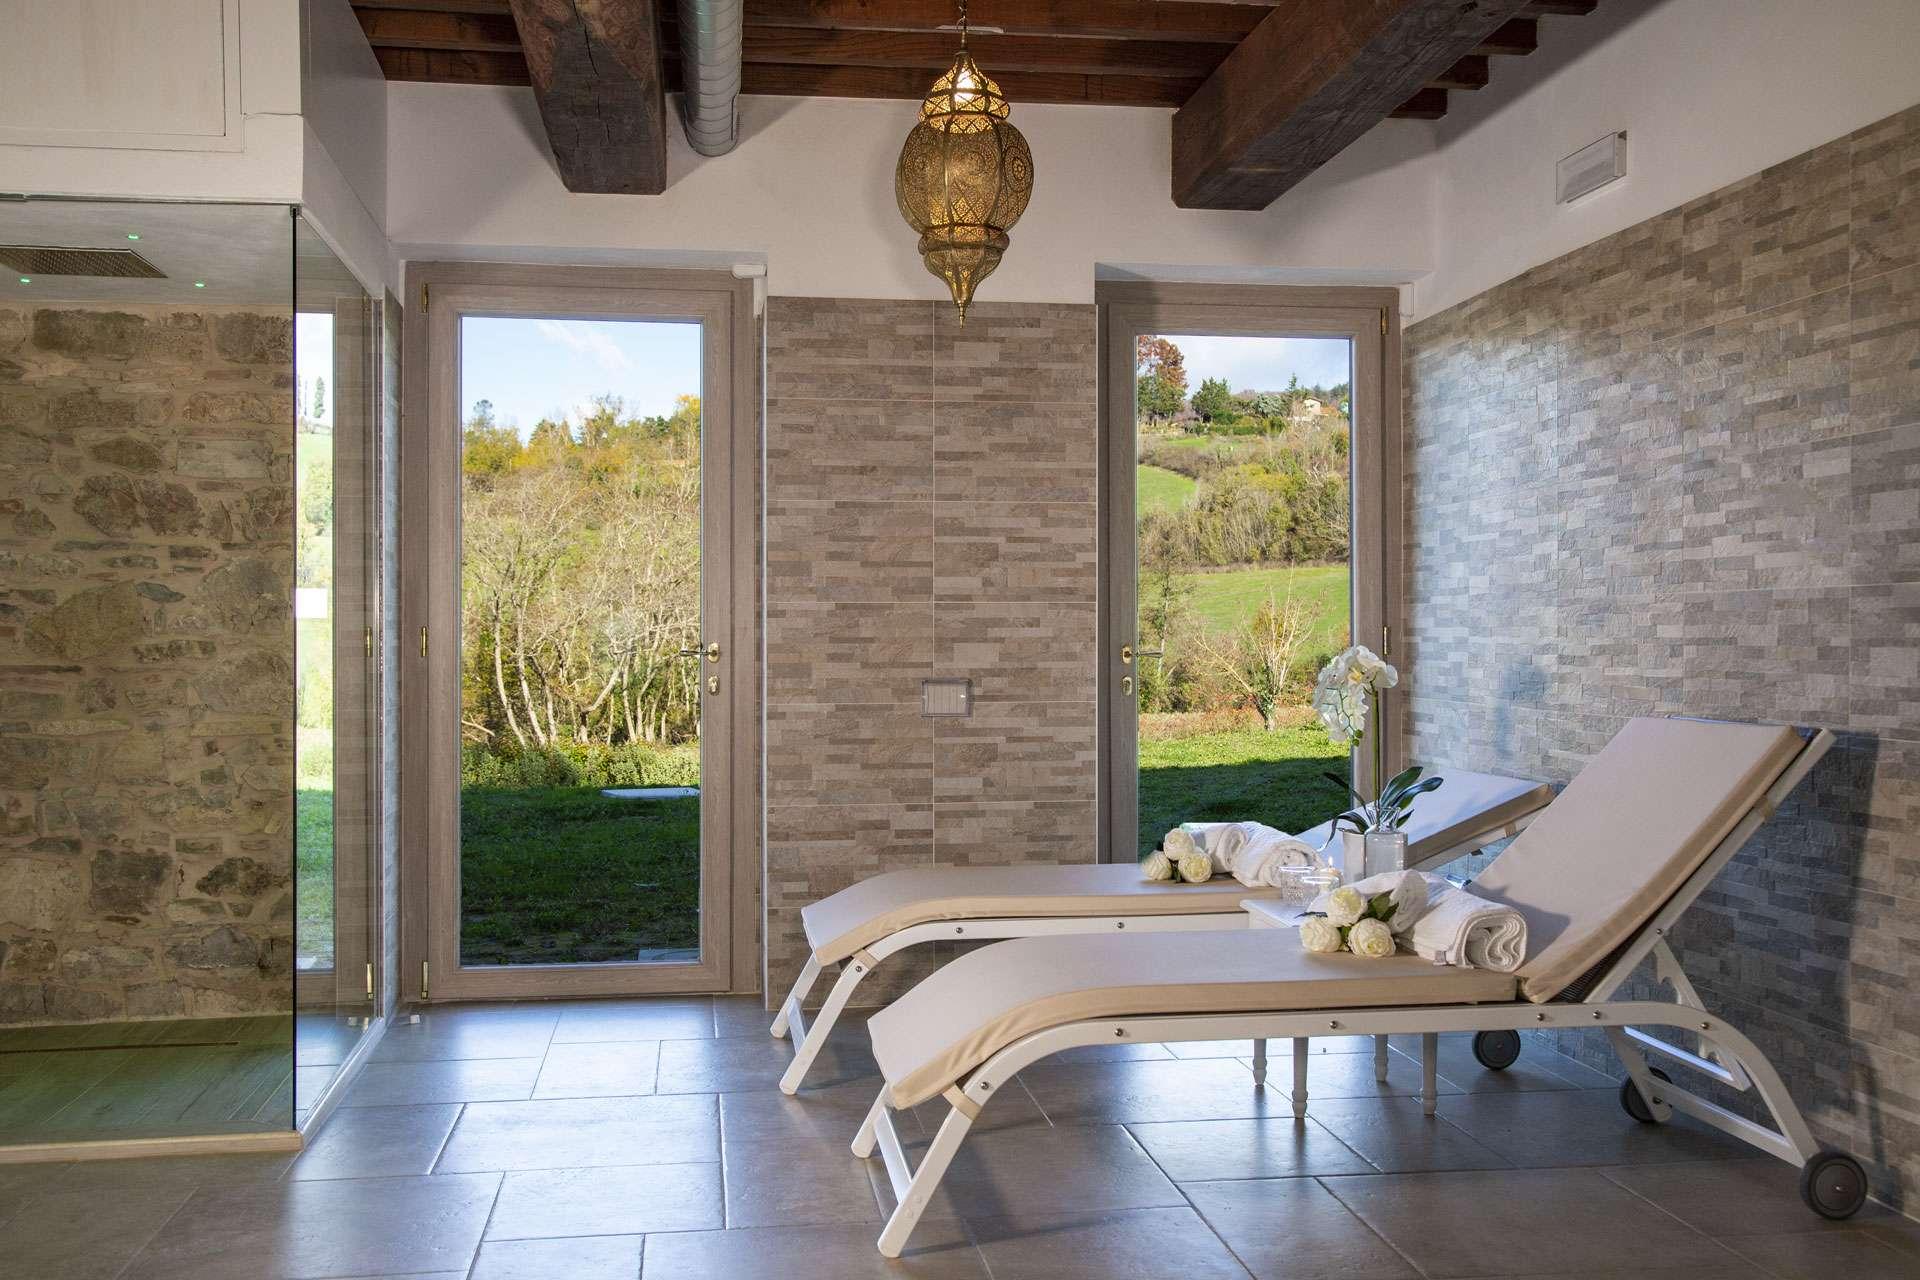 sala relax del Centro benessere & Spa vicino a Firenze Le Colline del Paradiso